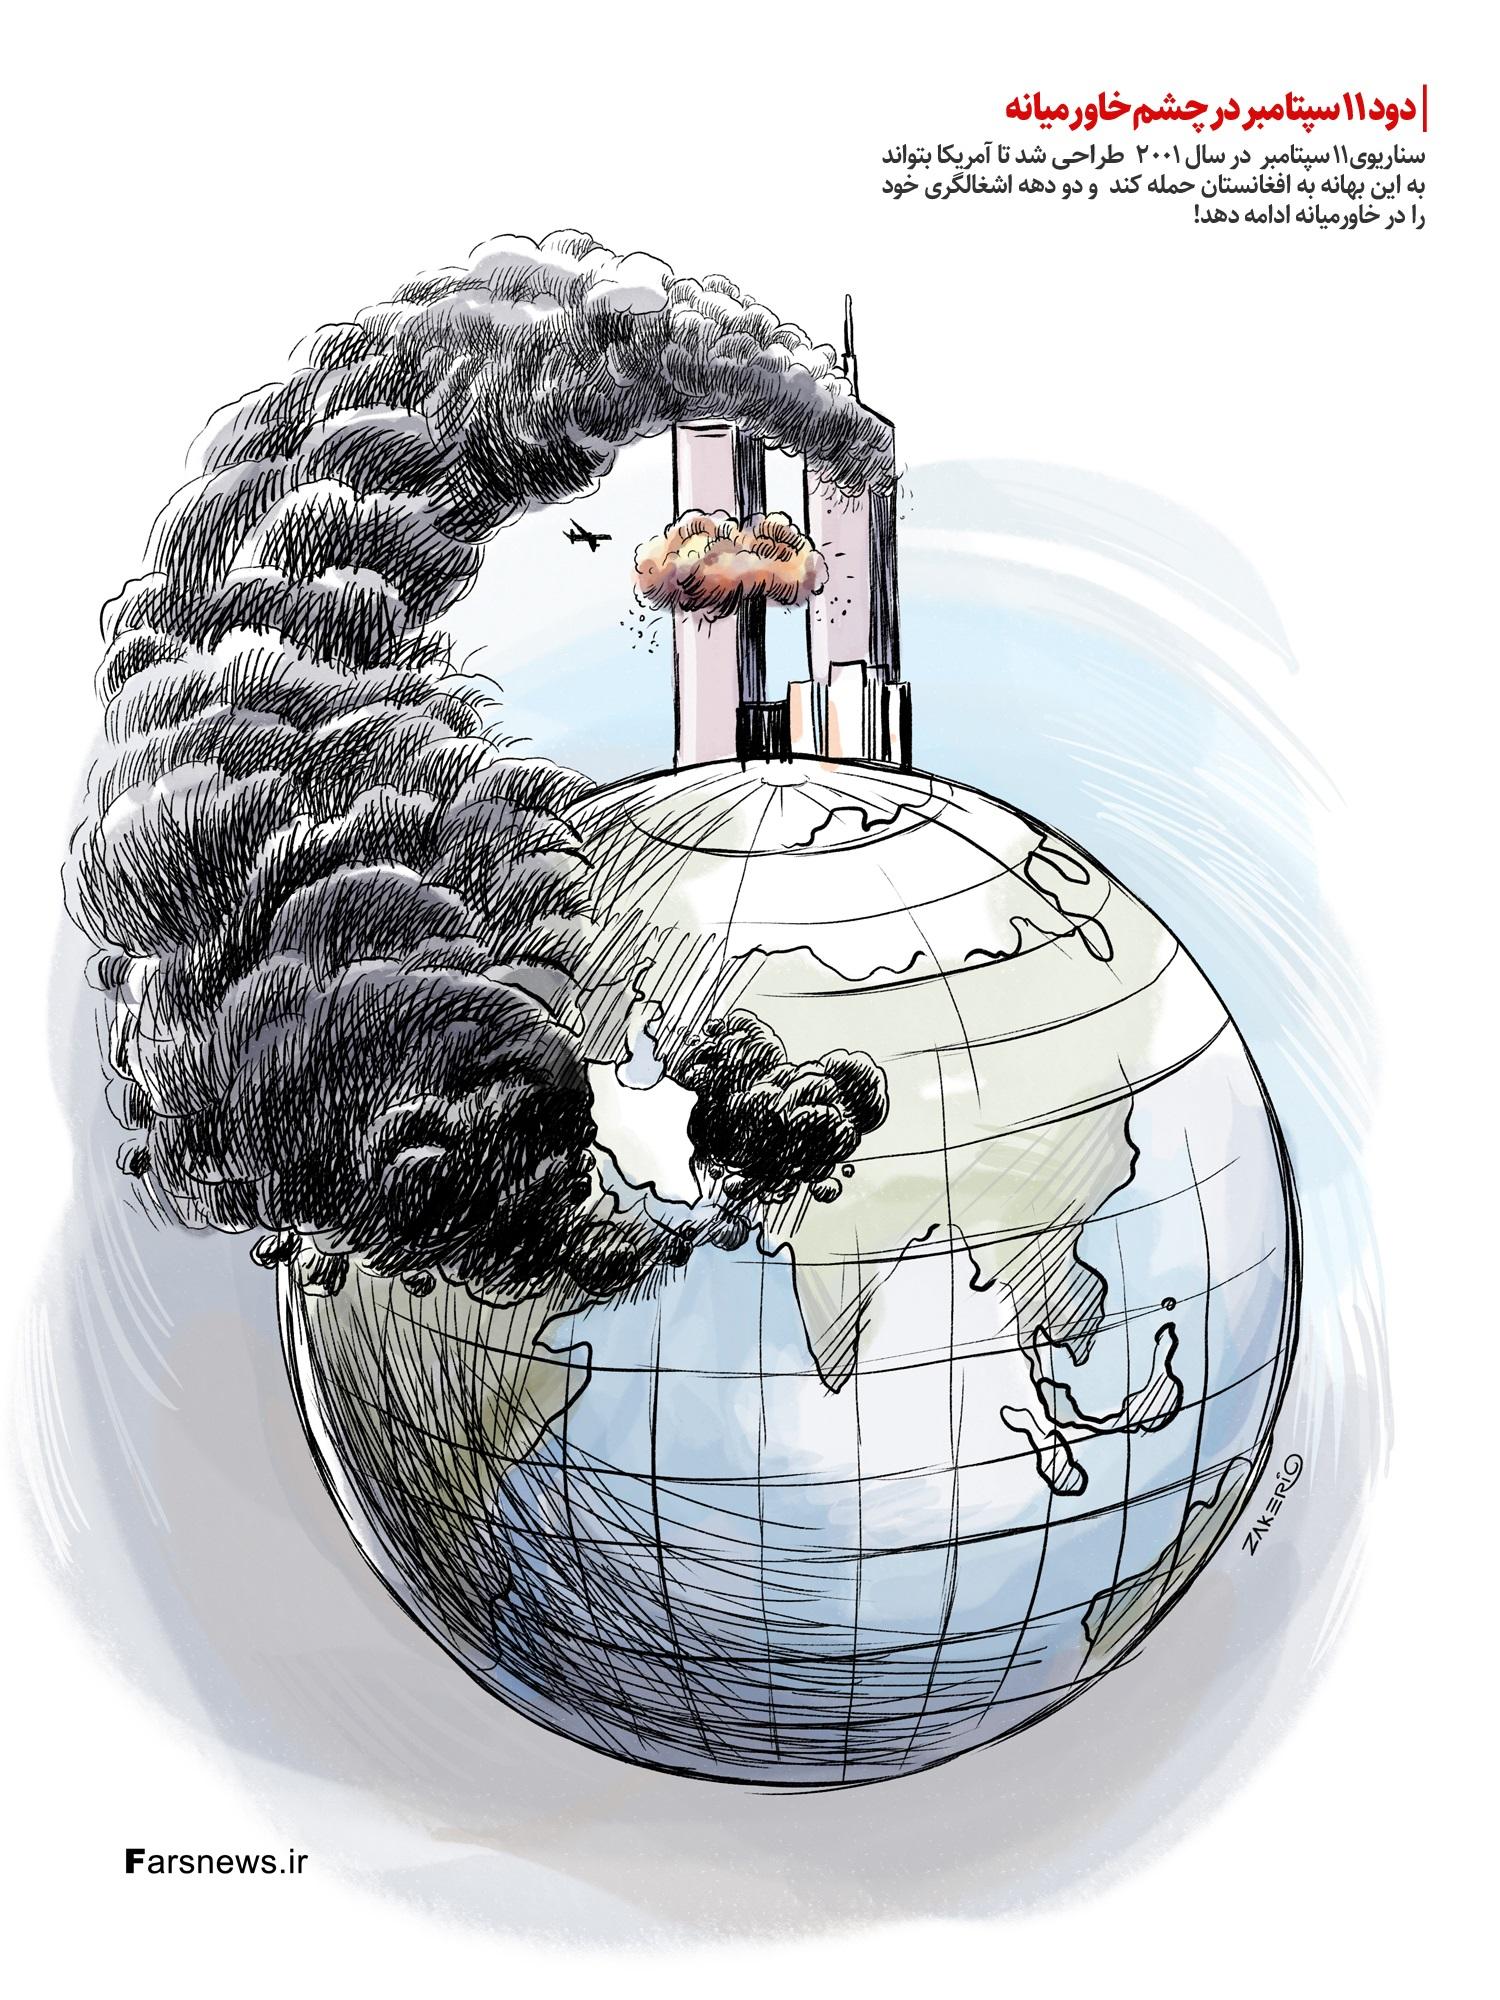 کارتون | دود 11 ستامبر در چشم خاورمیانه